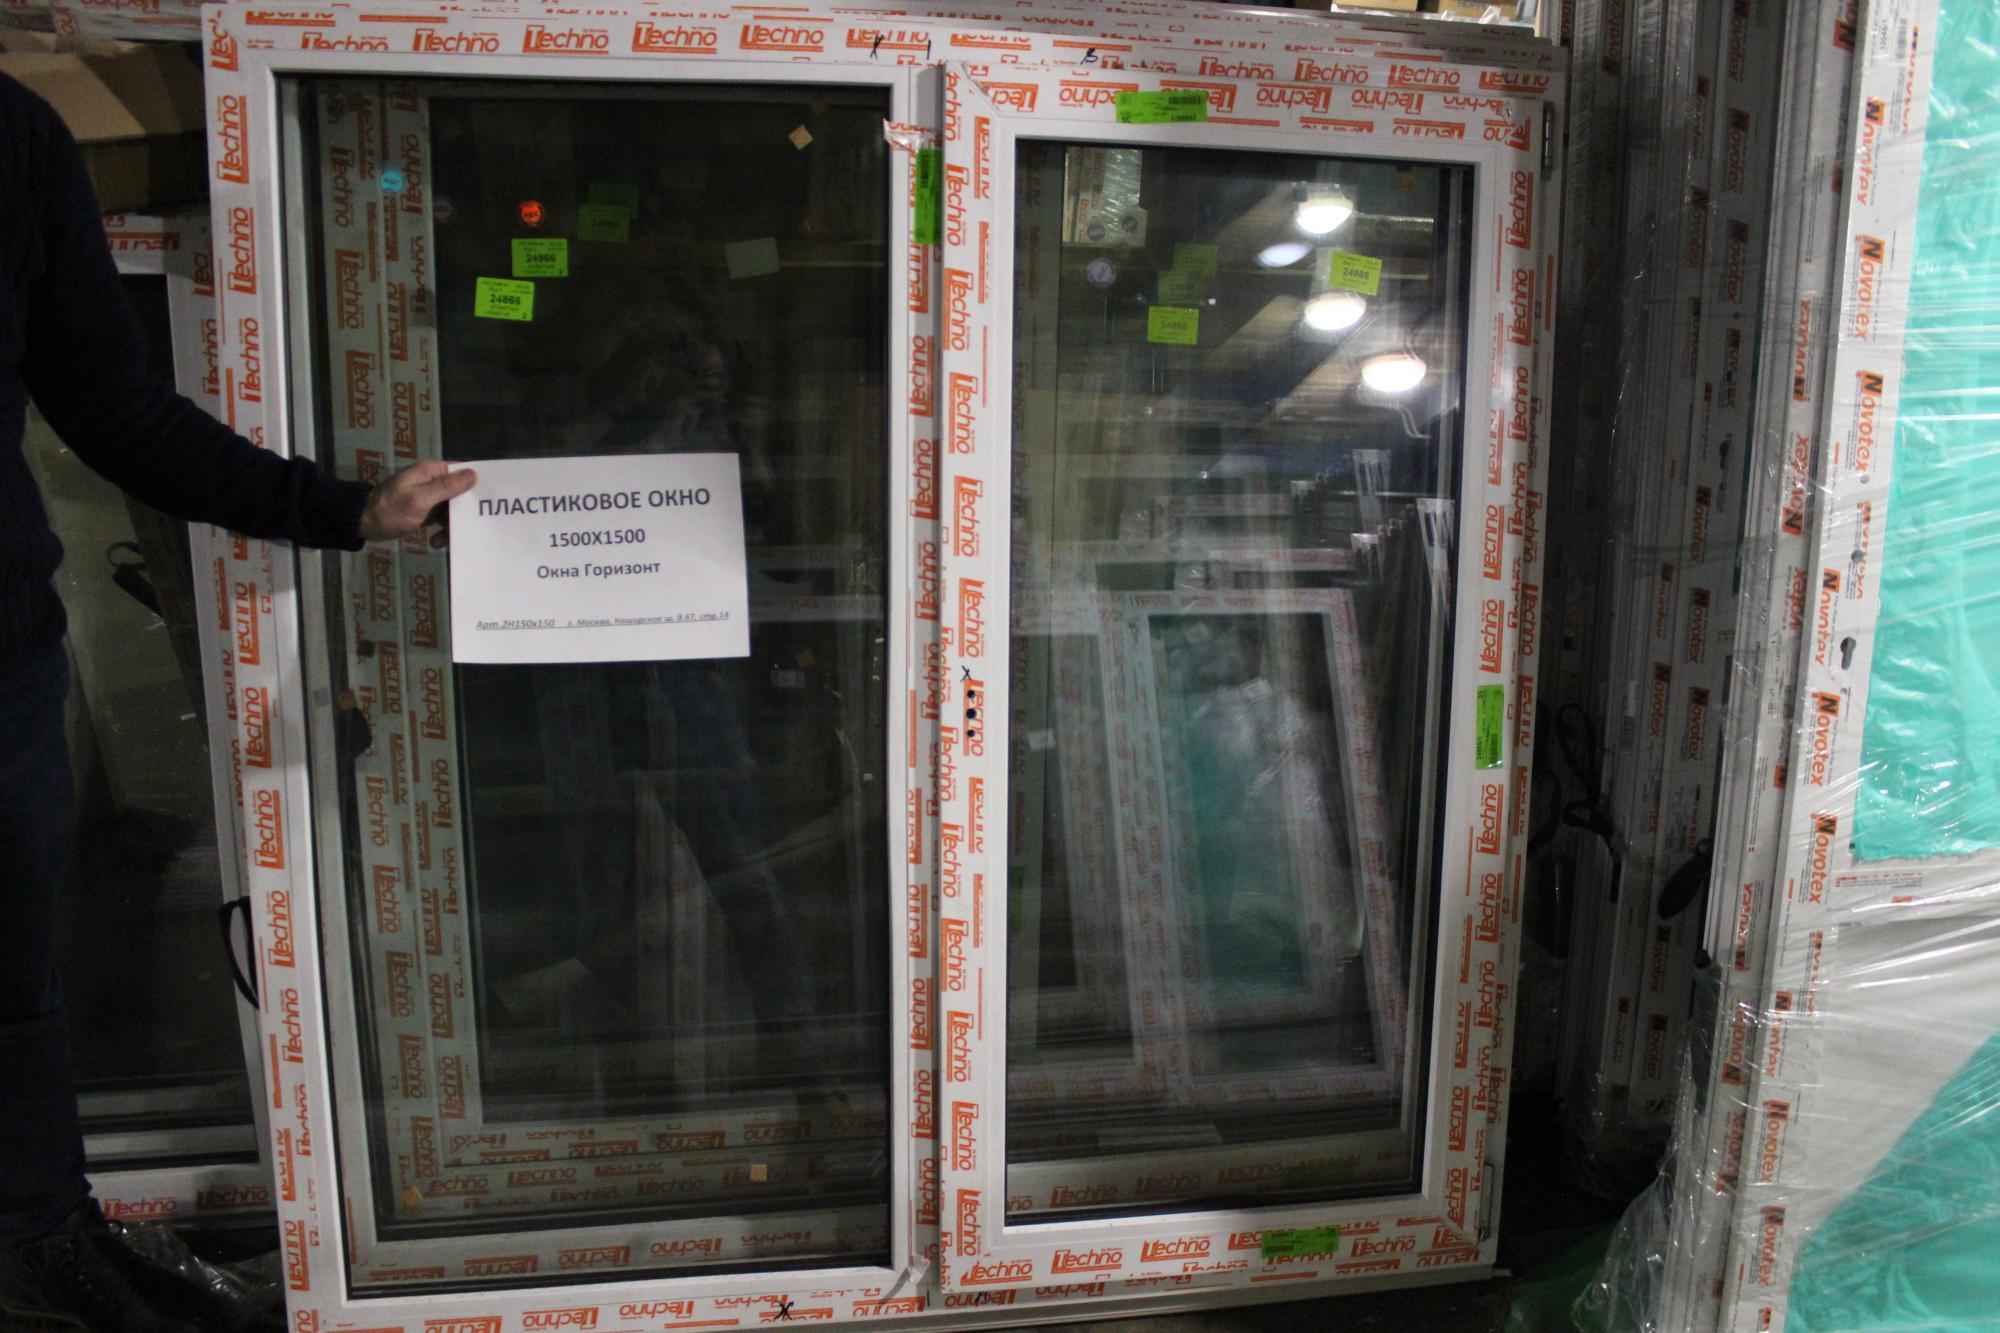 Готовое окно двухстворчатое 1500x1500 (ШxВ) в Москве 89253899134 купить 1